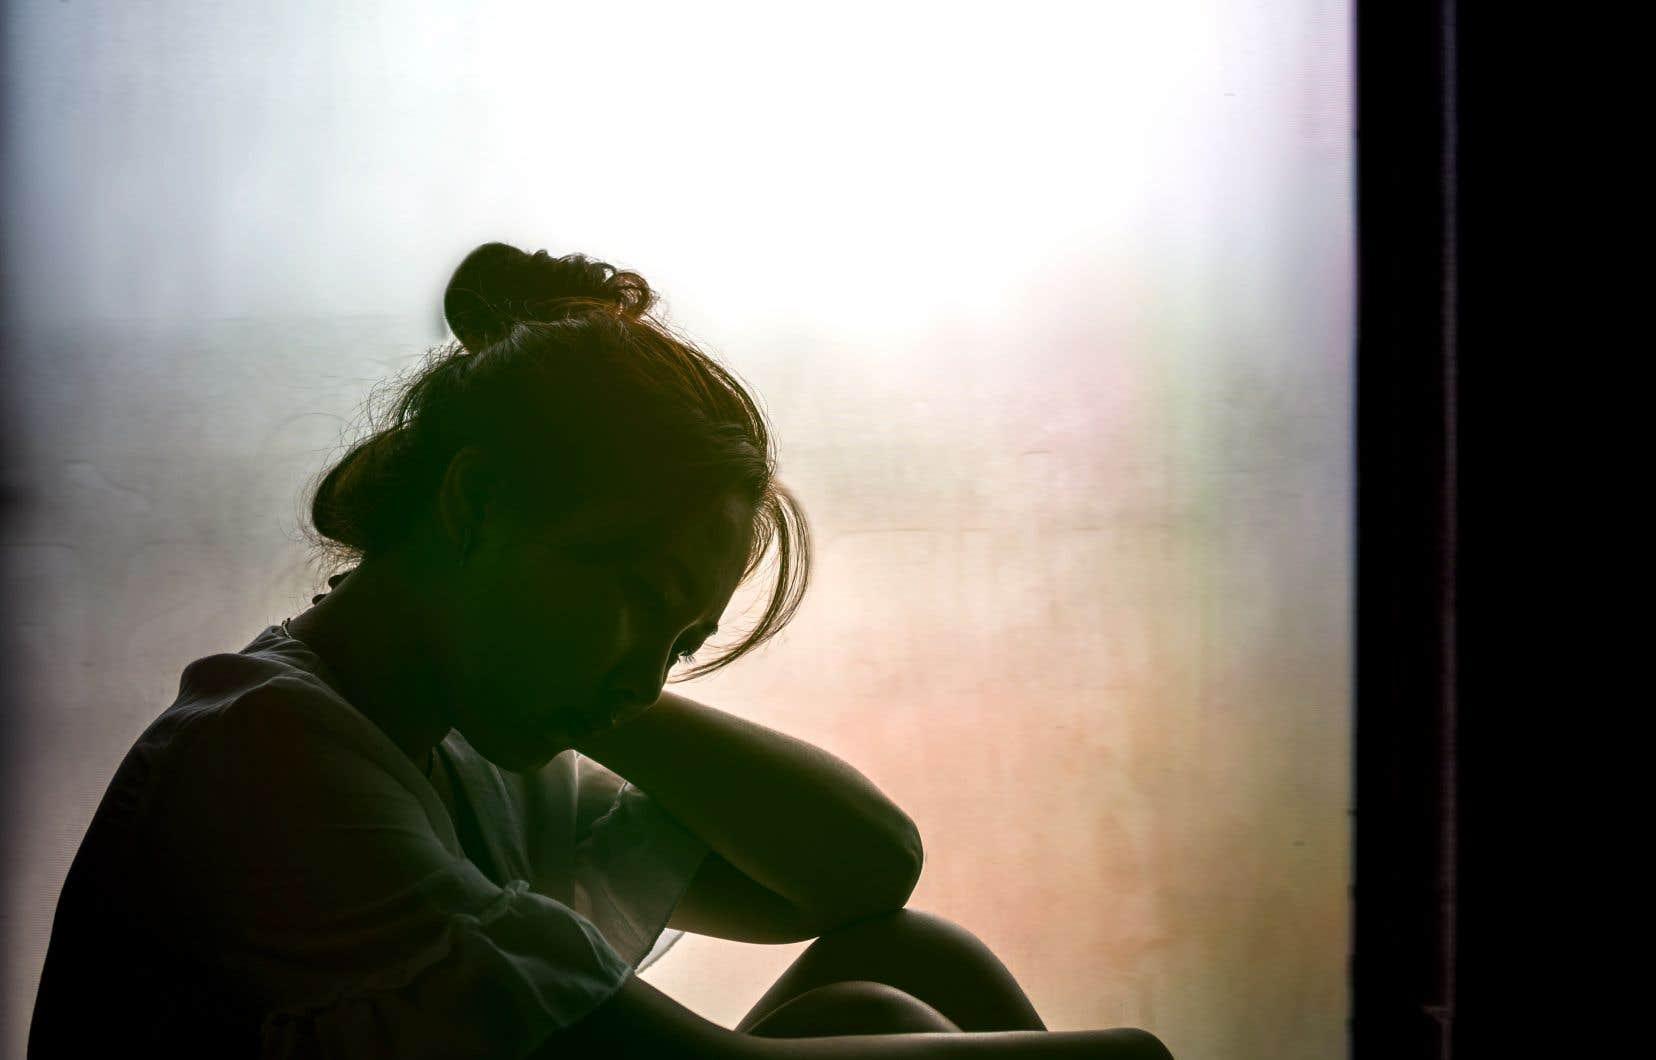 Le suicide est l'une des premières causes de mort prématurée au Canada.